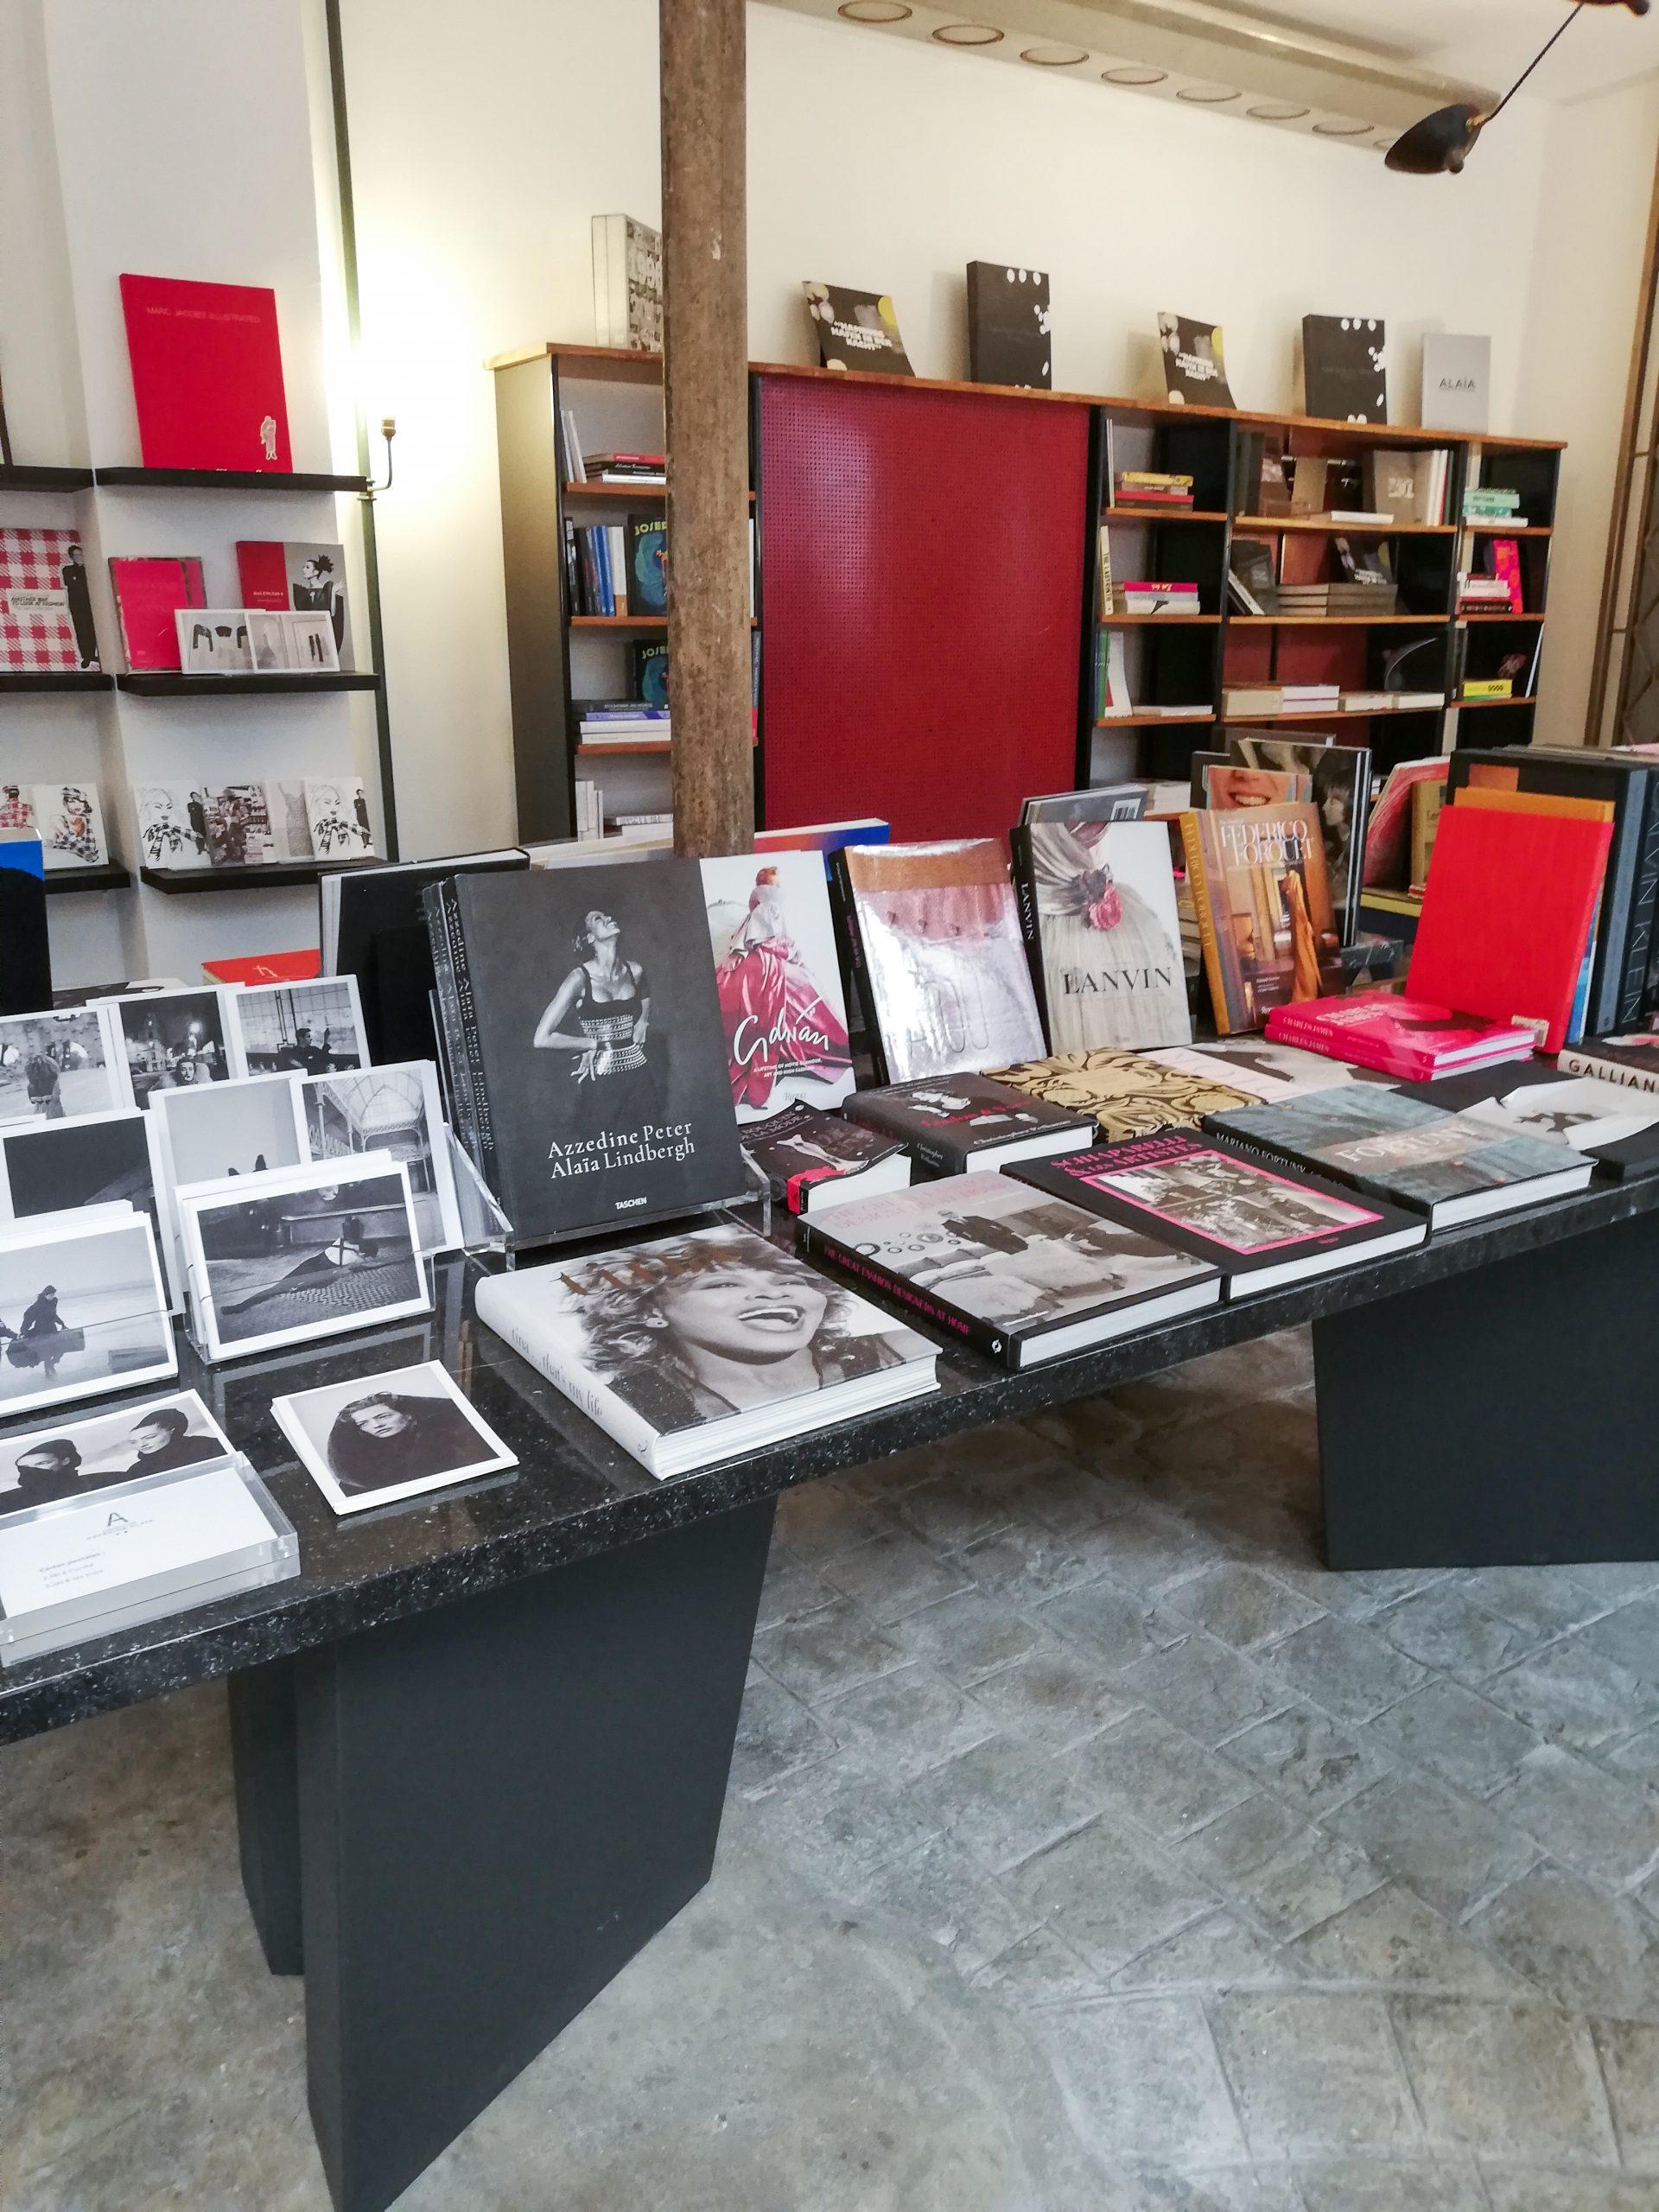 Azzedine Alaïa Store